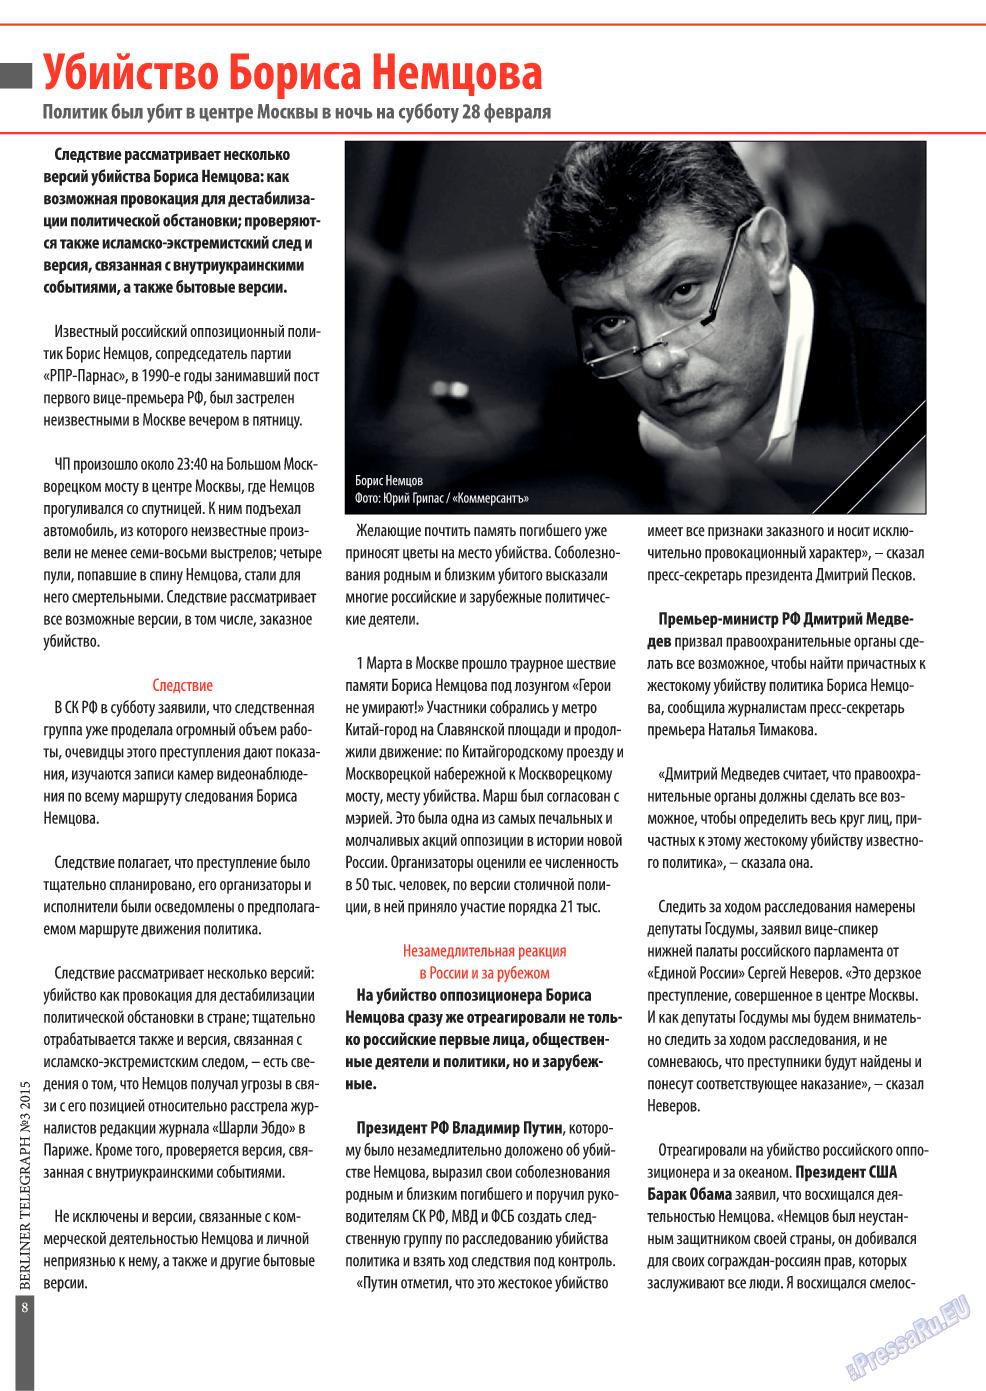 Берлинский телеграф (журнал). 2015 год, номер 3, стр. 8